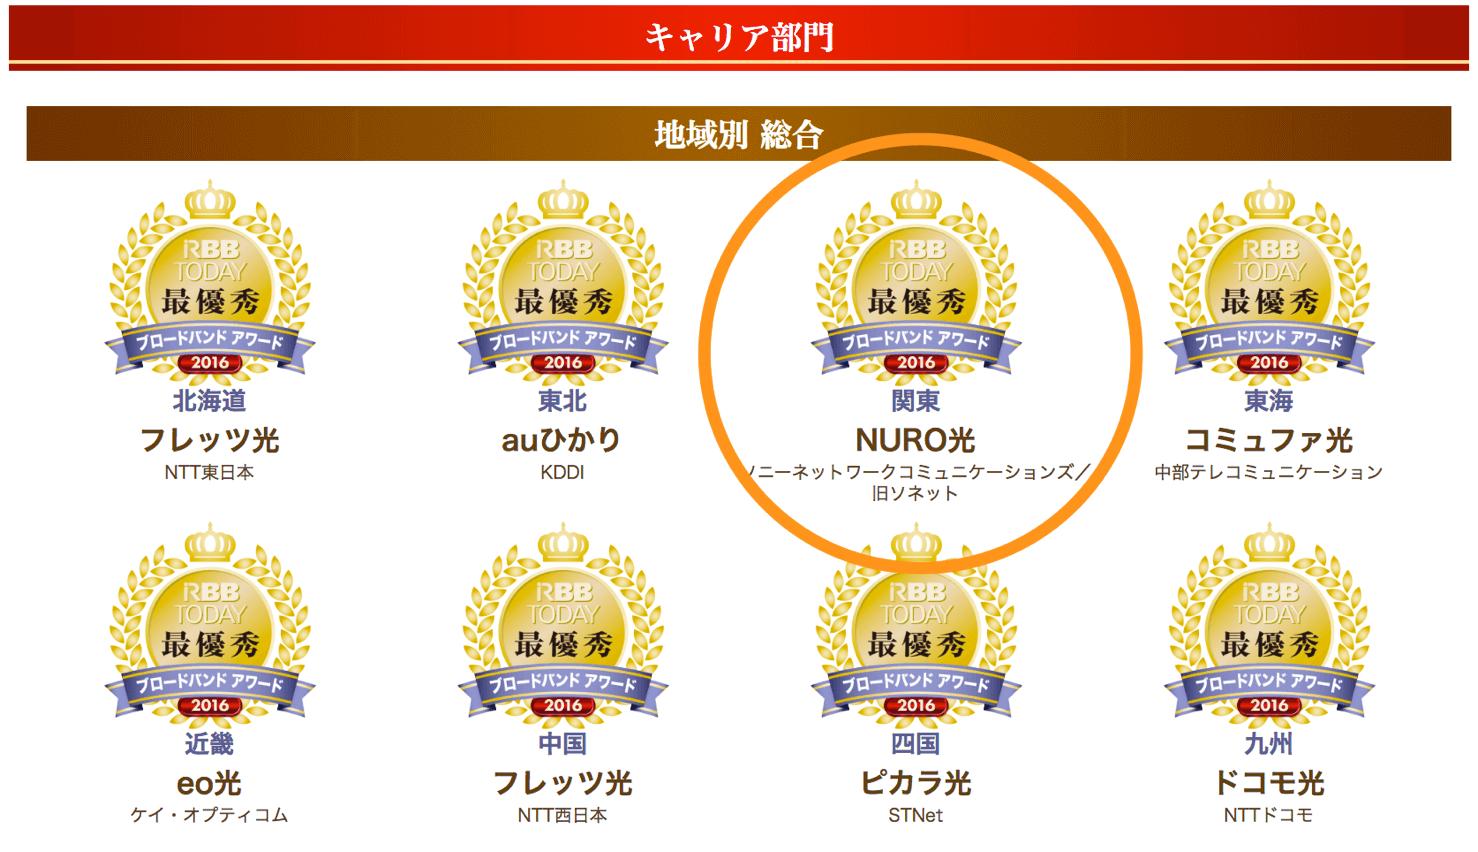 Nuro rbb2016kantou1